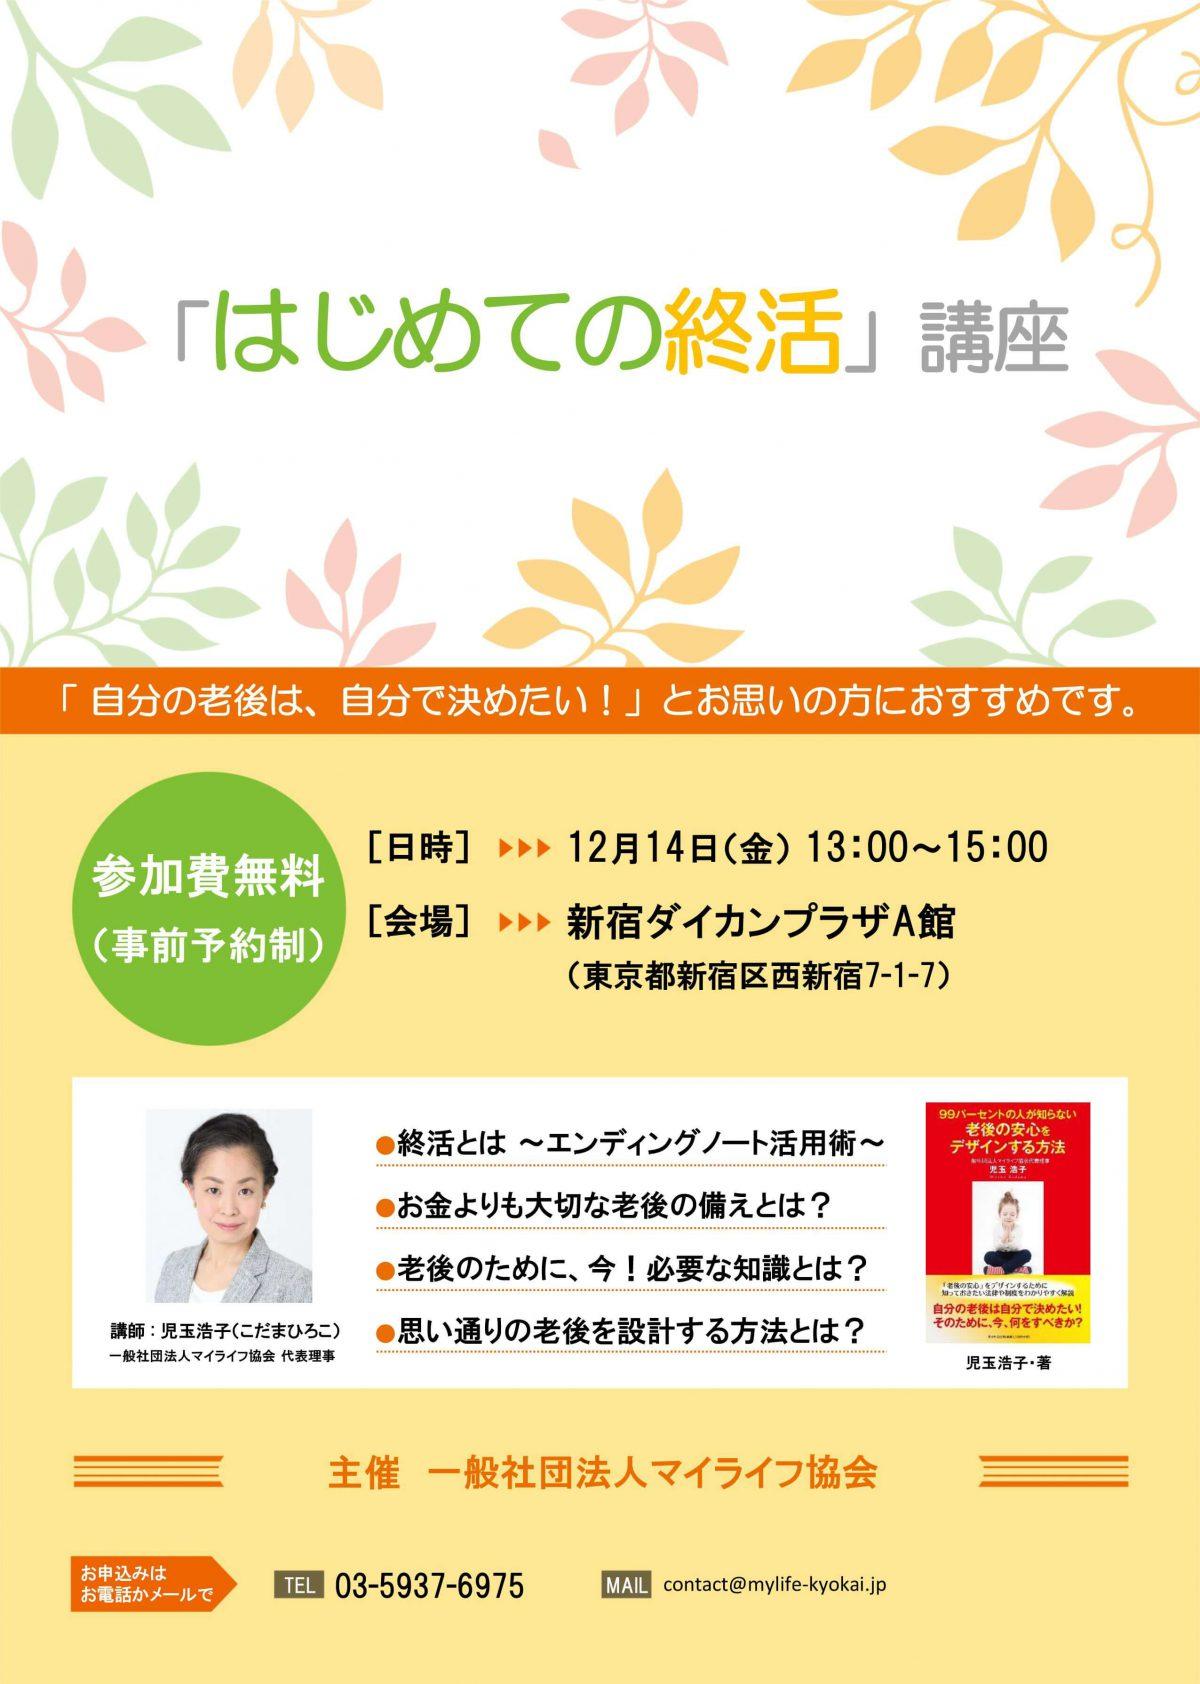 12/14 終活セミナー・最高の老後準備マスター集中講座